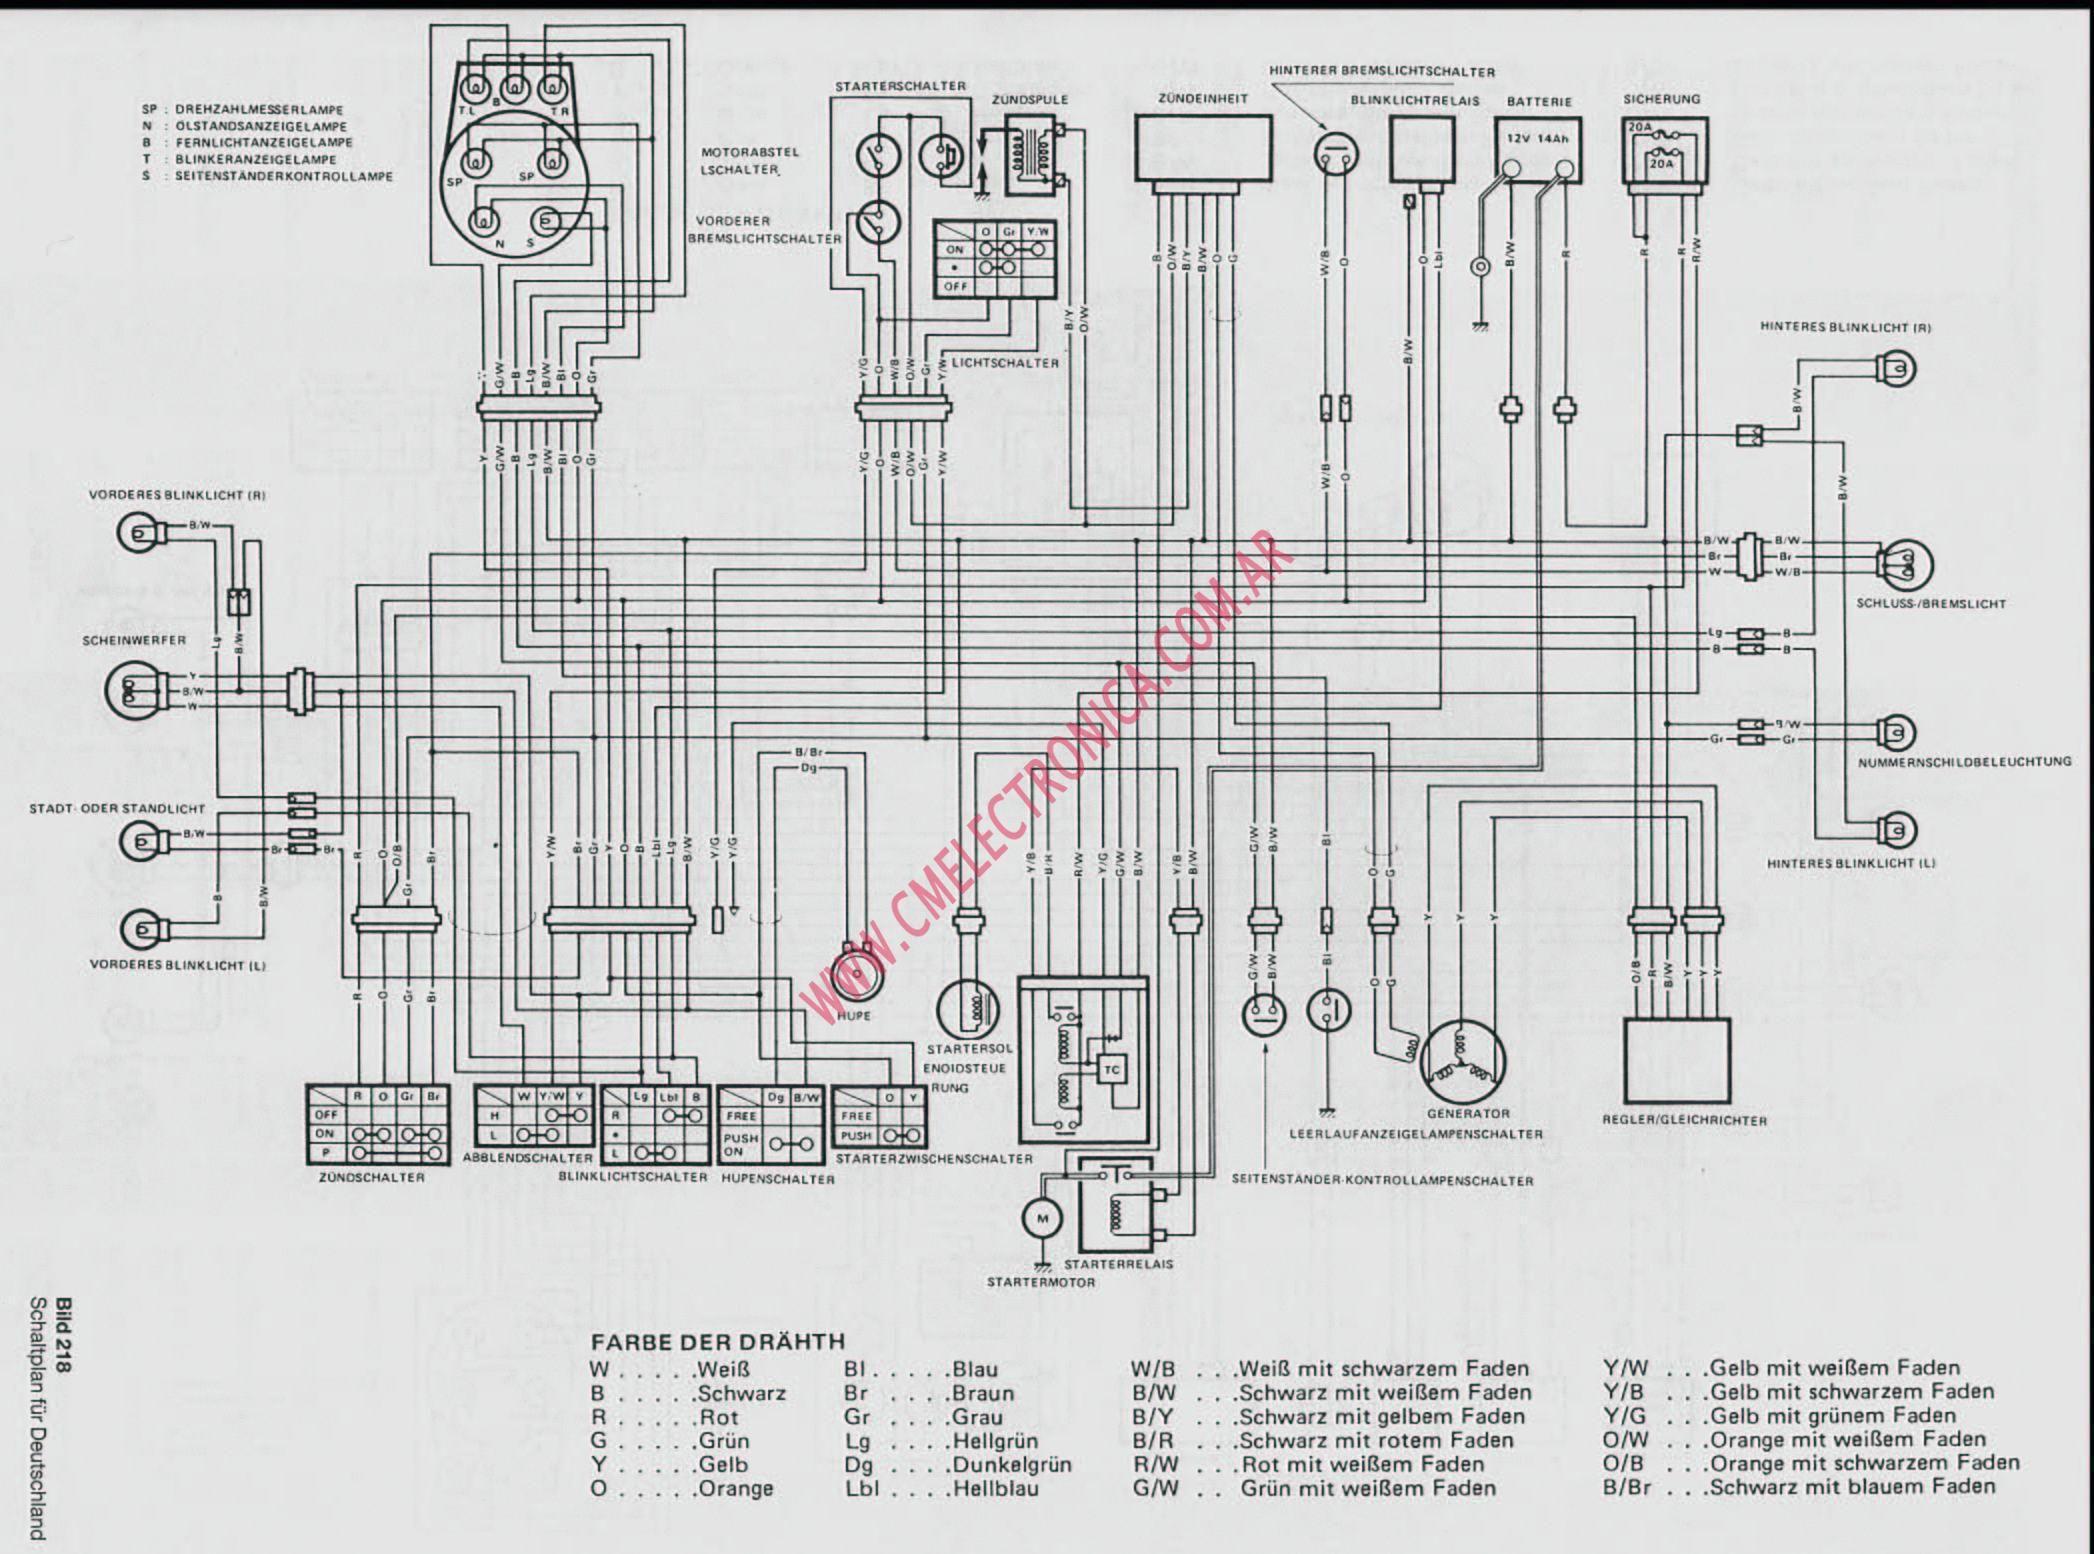 suzuki vl1500 wiring diagram wiring diagram1988 suzuki intruder wiring diagrambest of diagram suzuki vl1500 wiring diagram millions ideas diagram and concept